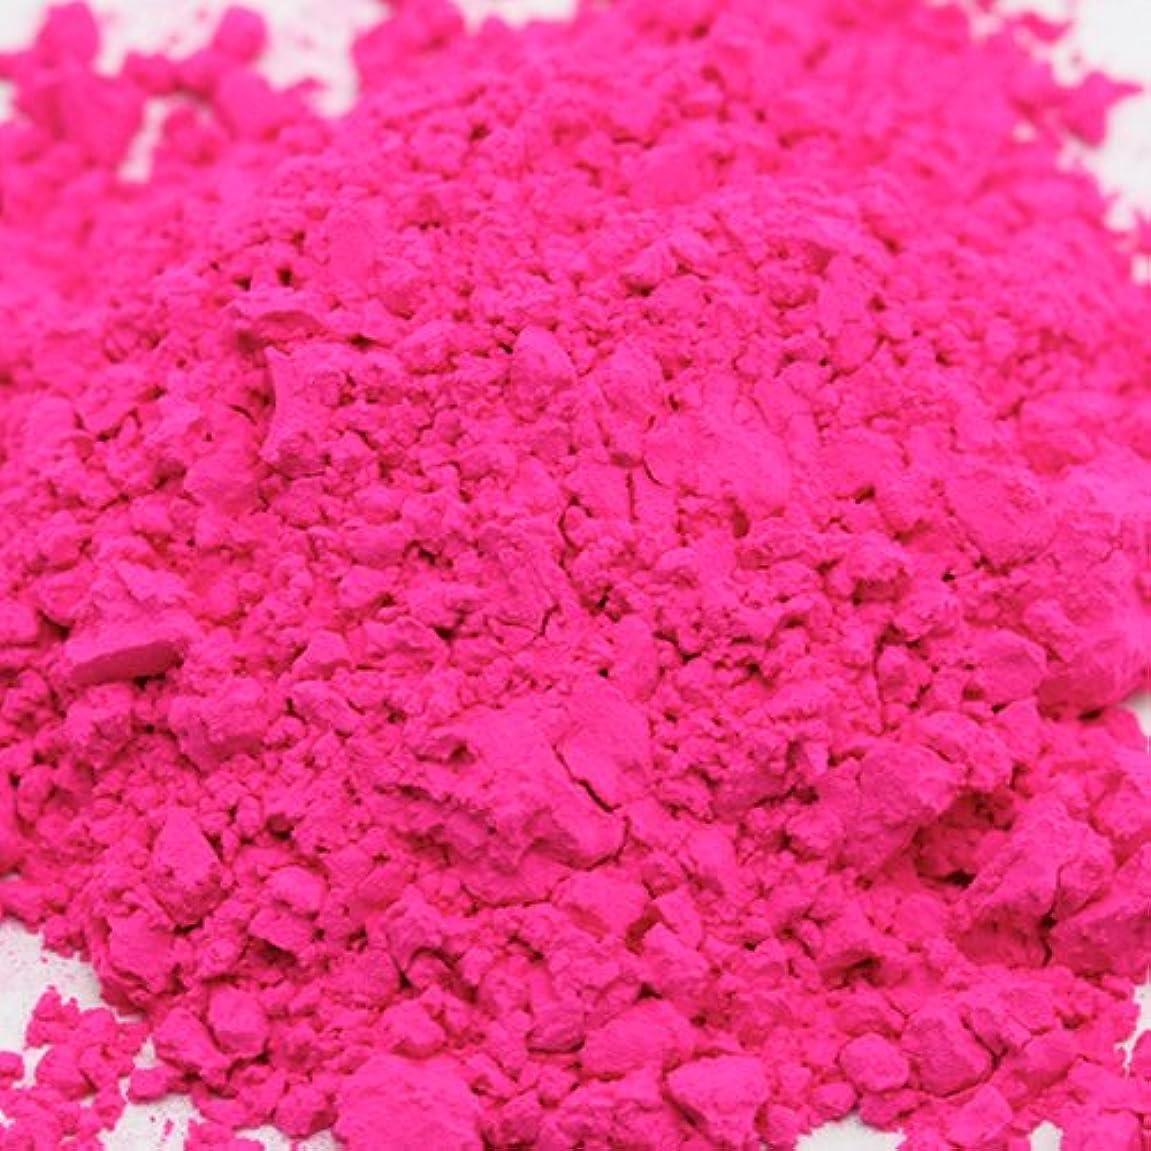 呼吸する気楽な用心深いキャンディカラー ピンク 5g 【手作り石鹸/手作りコスメ/色付け/カラーラント】